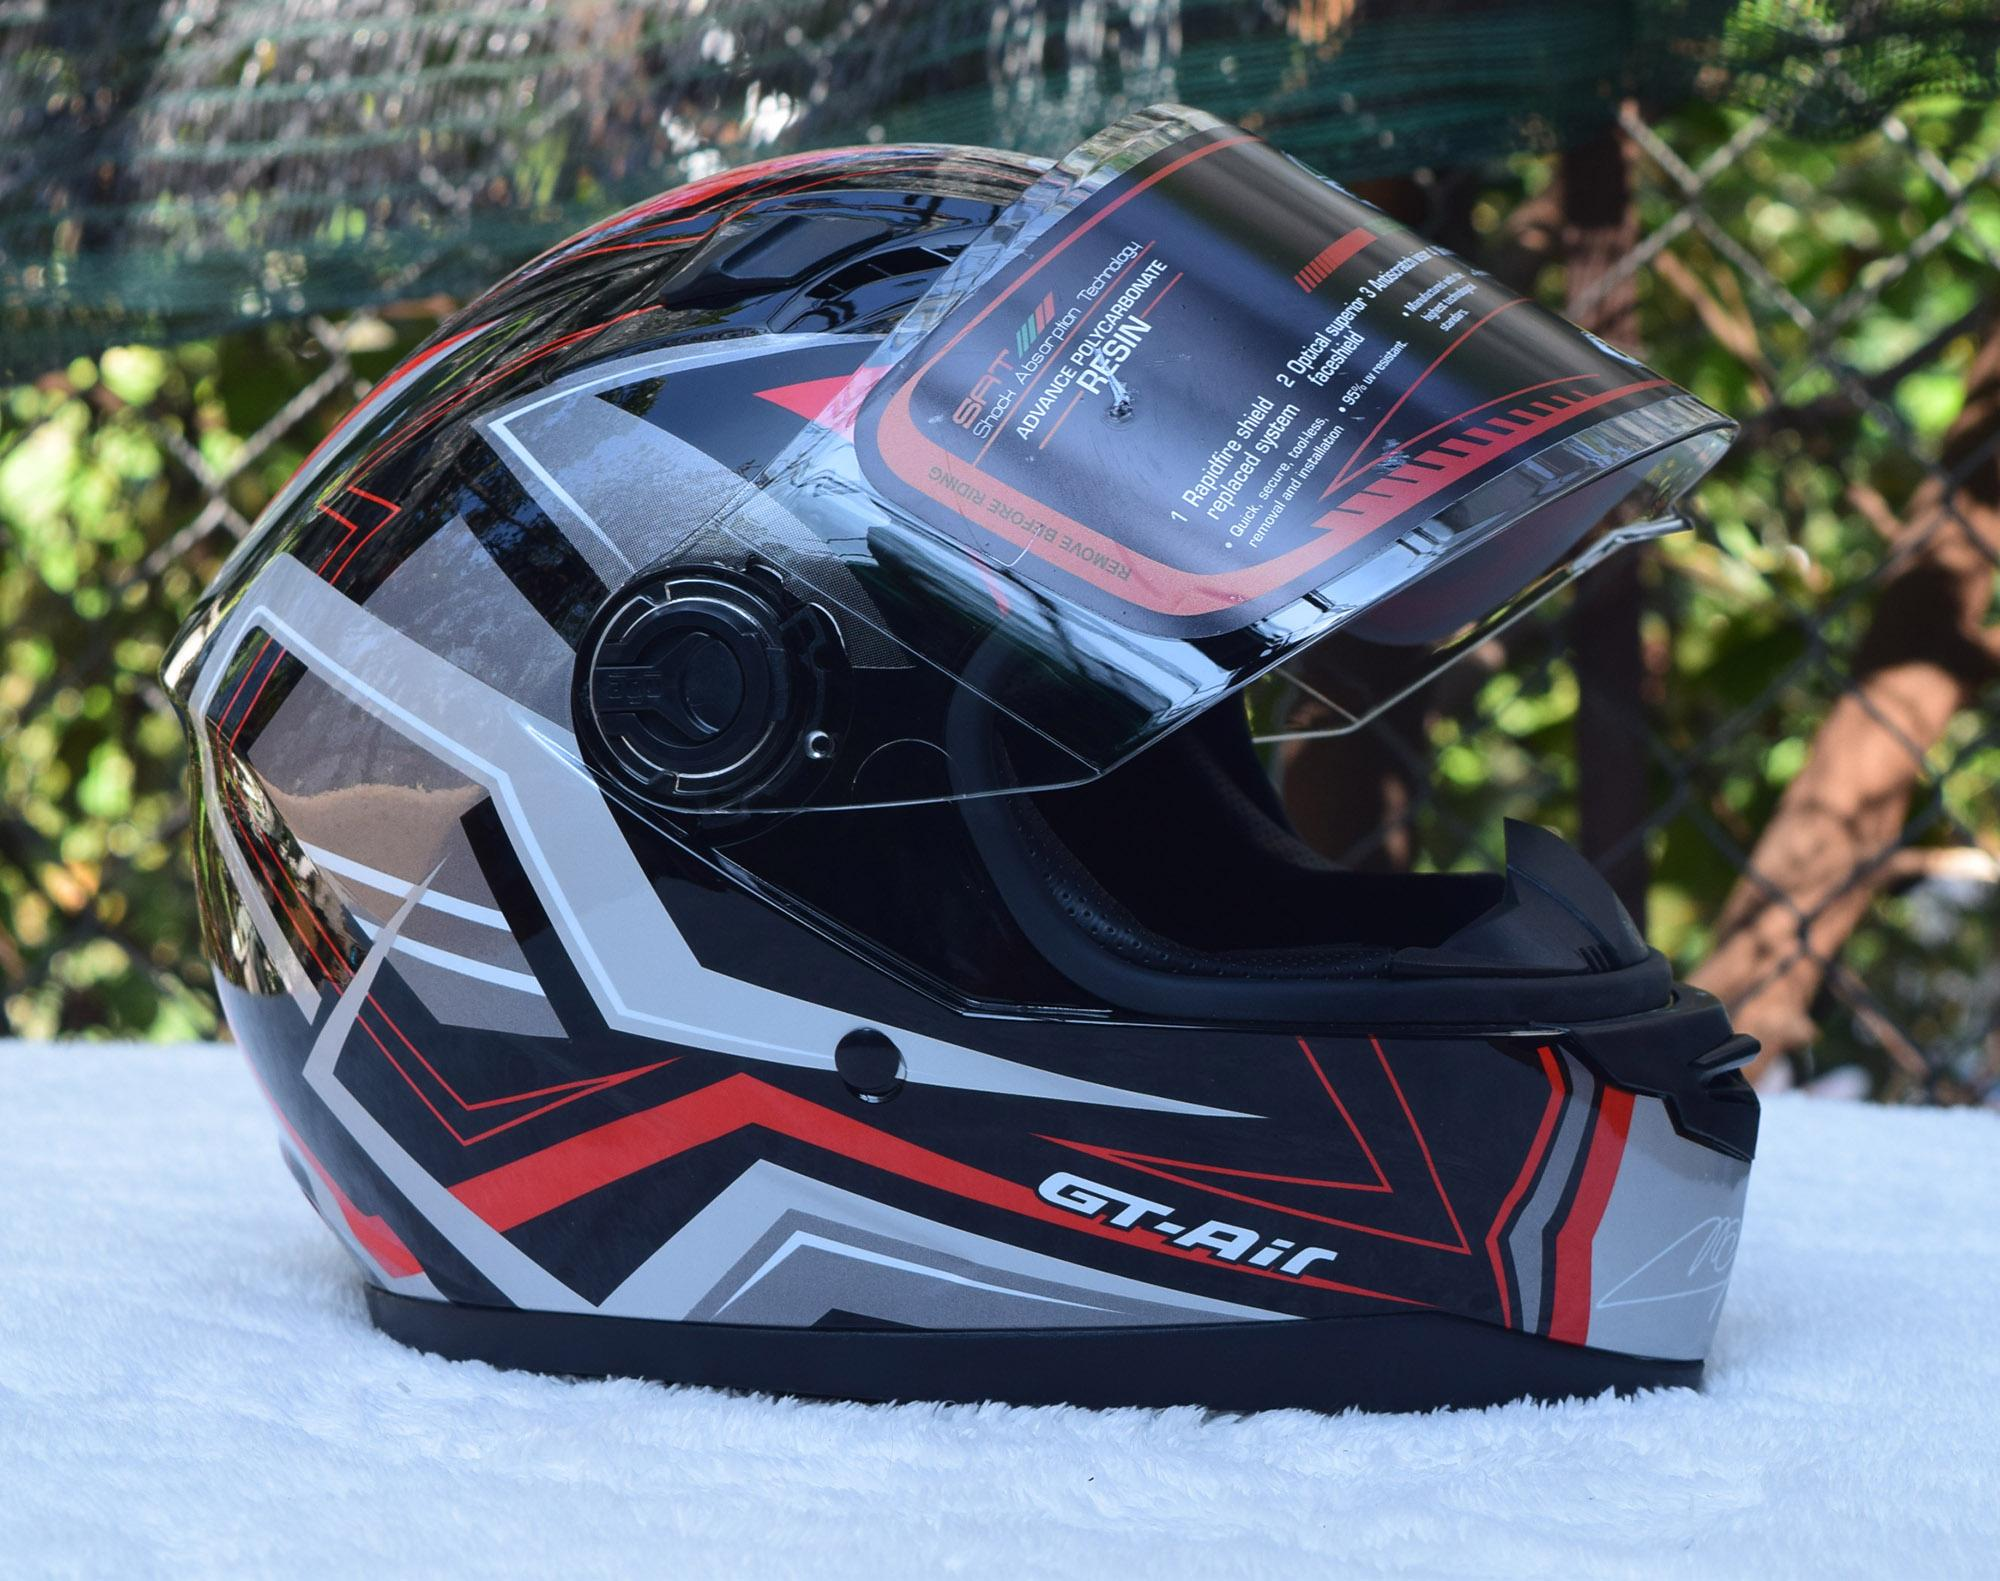 Mũ bảo hiểm fullface AGU họa tiết GT Air sọc đỏ